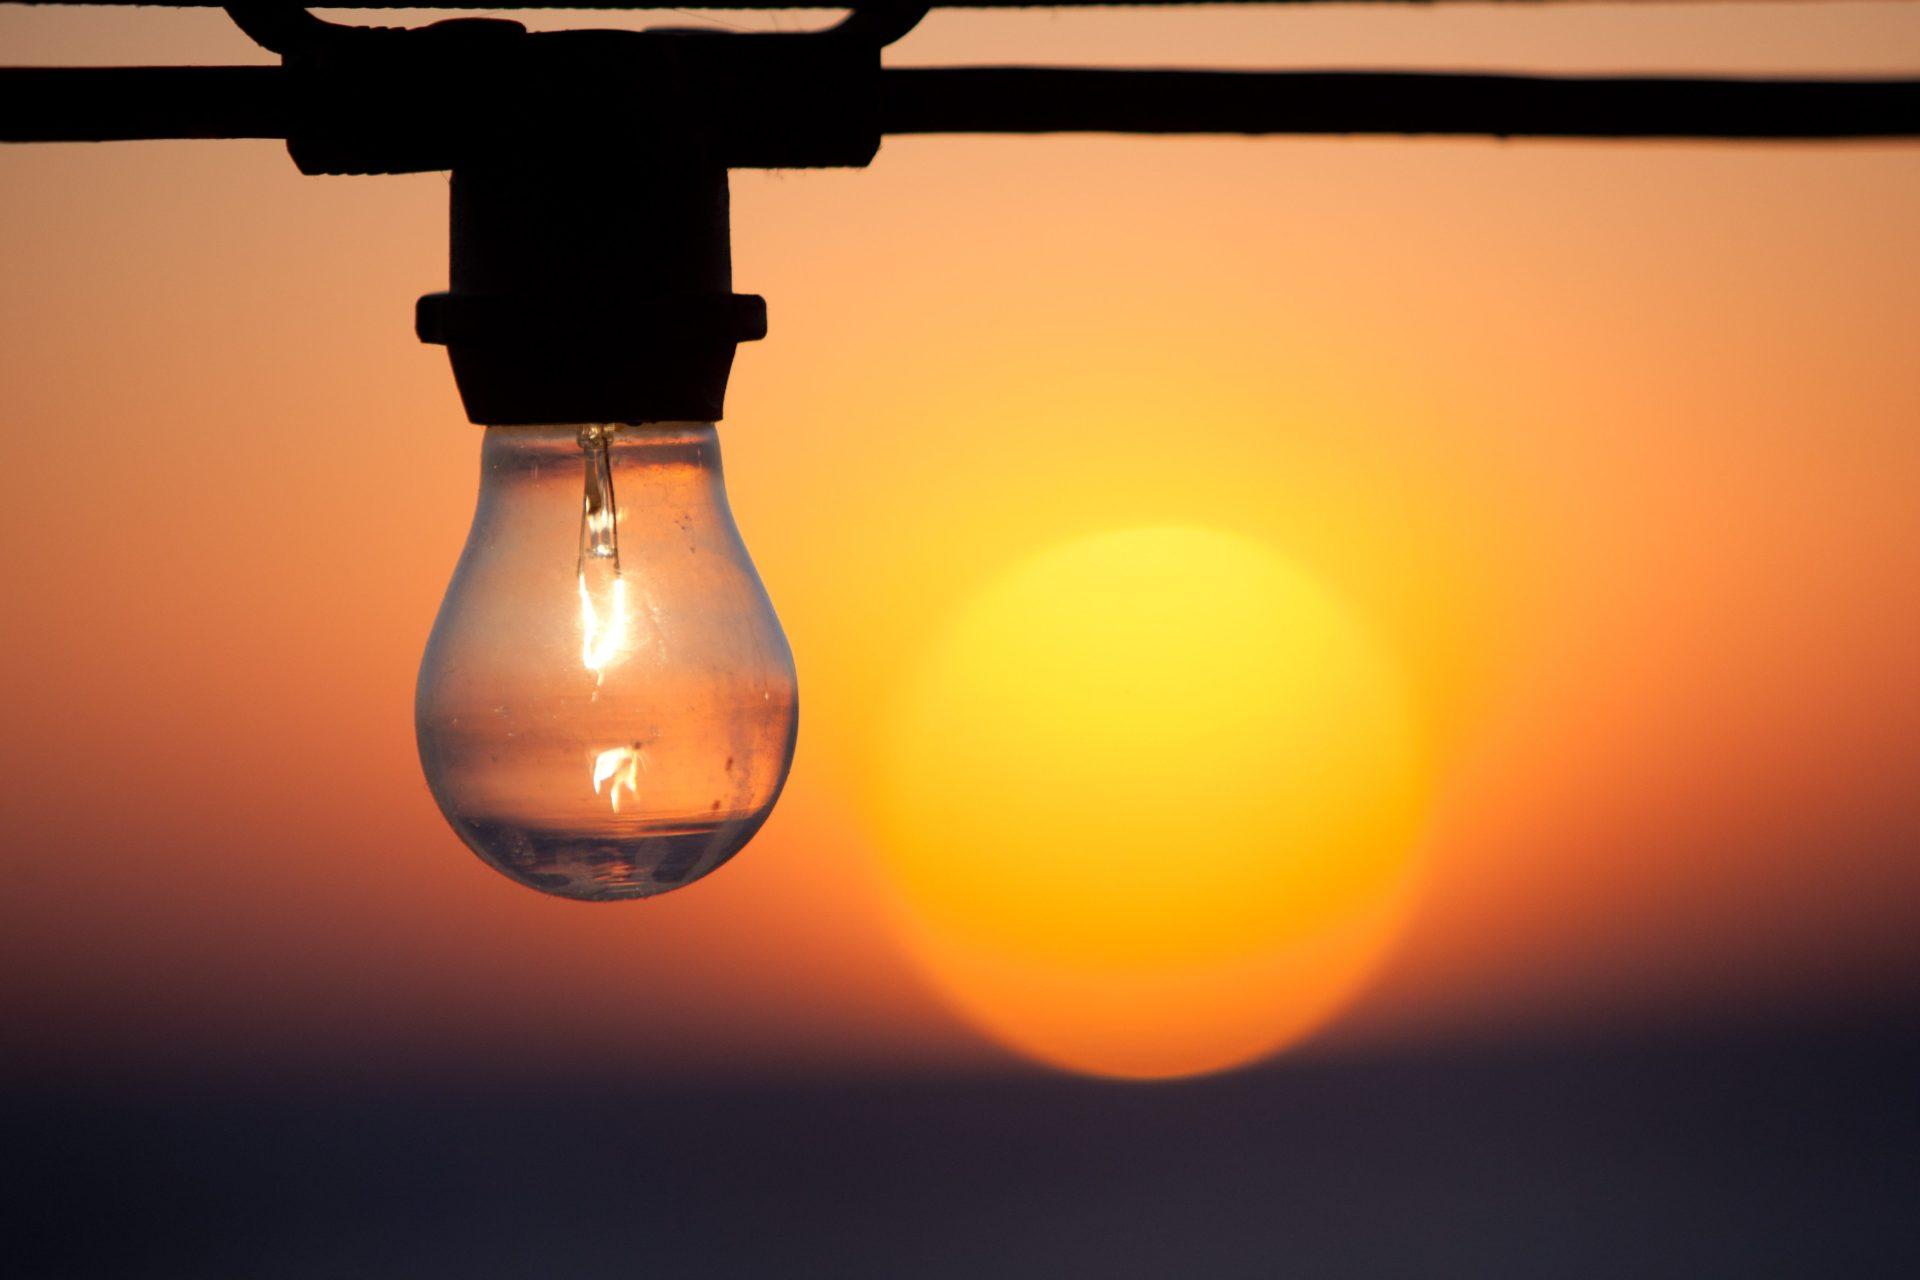 12 июля предстоят временные ограничения электроснабжения